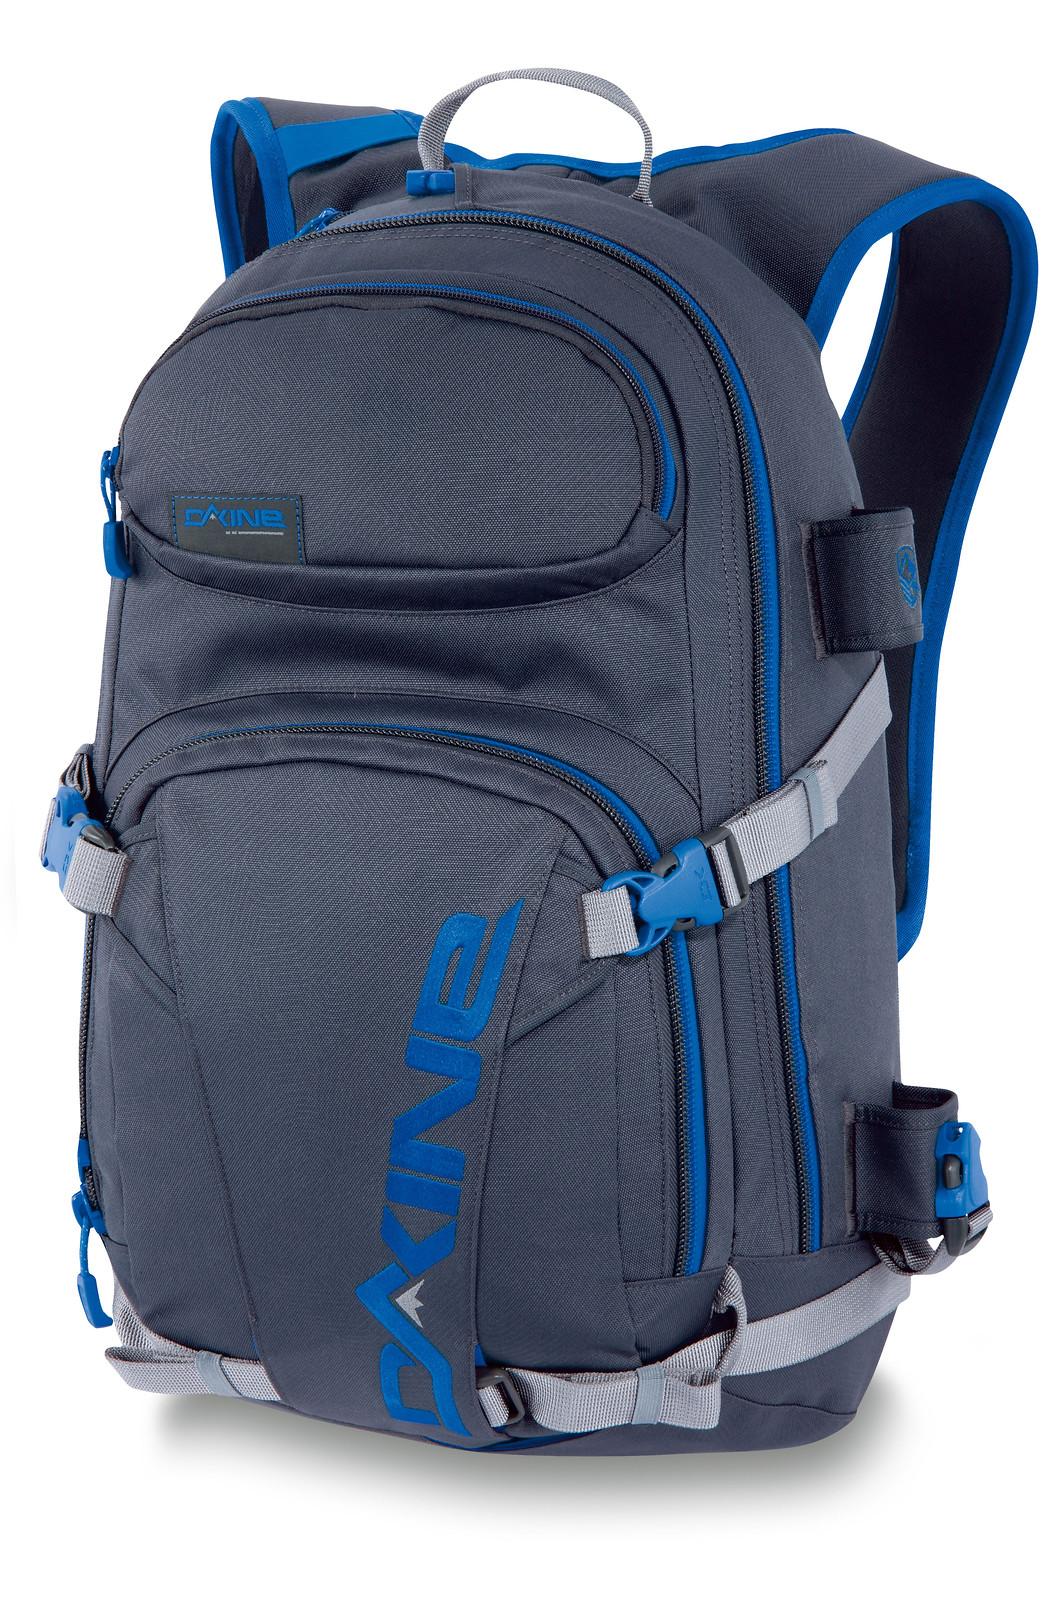 Dakine Heli Pro Backpack Stencil  dakine-helipro-pack-stencil-12.jpg